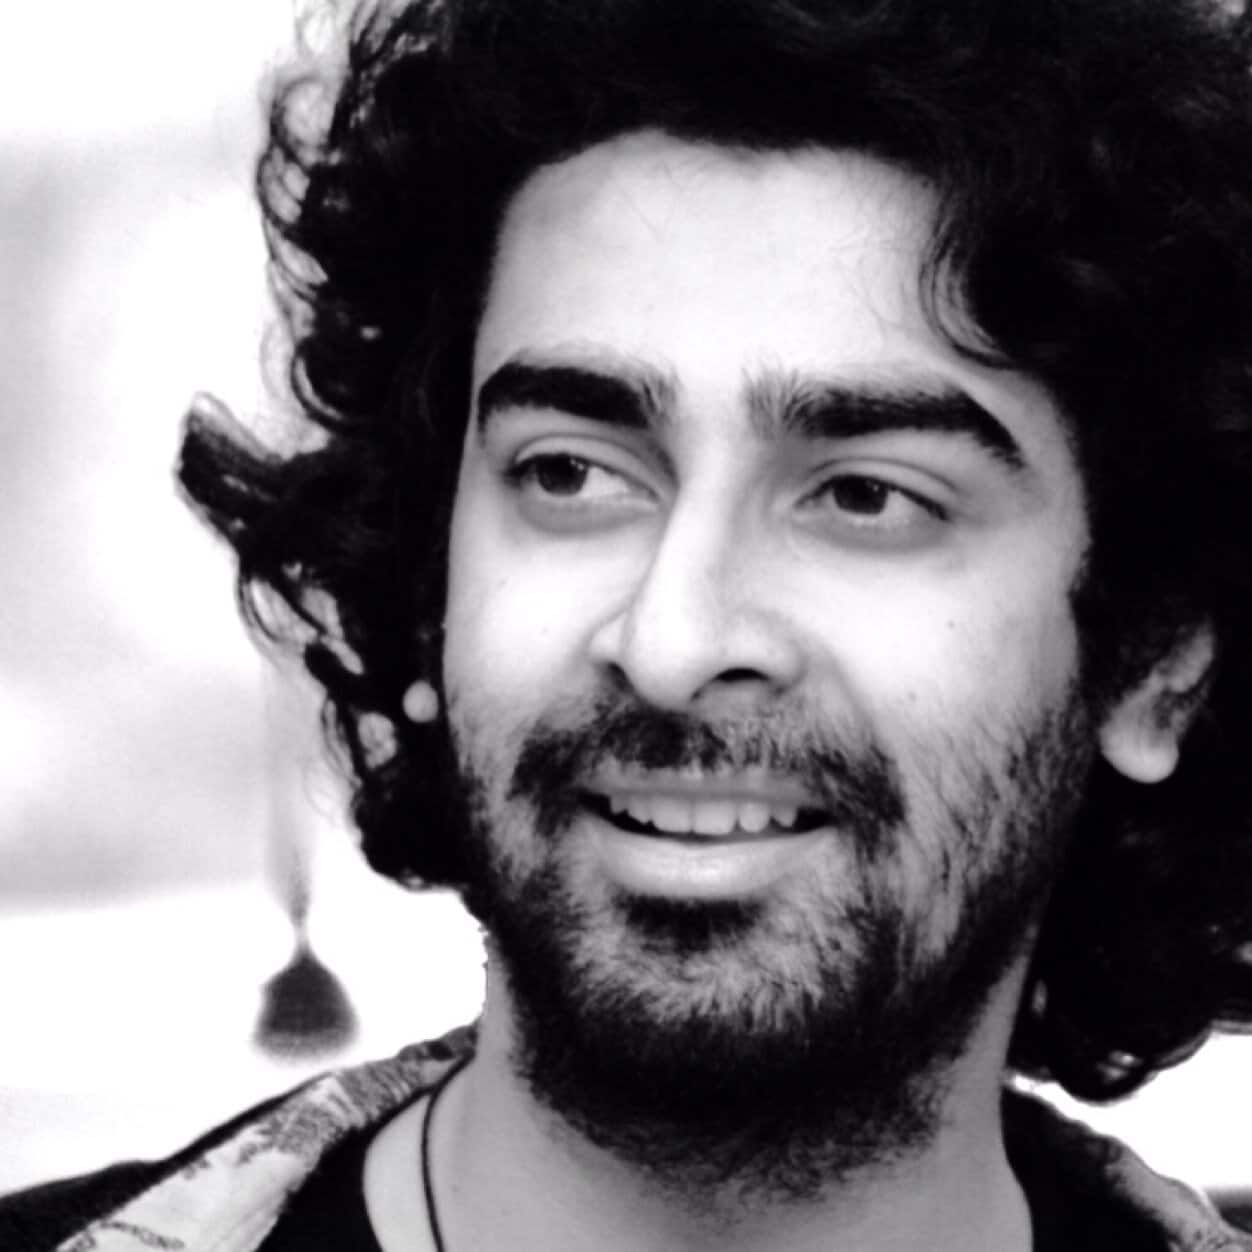 नारायण लकी: 'मेरे लिए मैंनस्ट्रीम फिल्म करना जरूरी है'